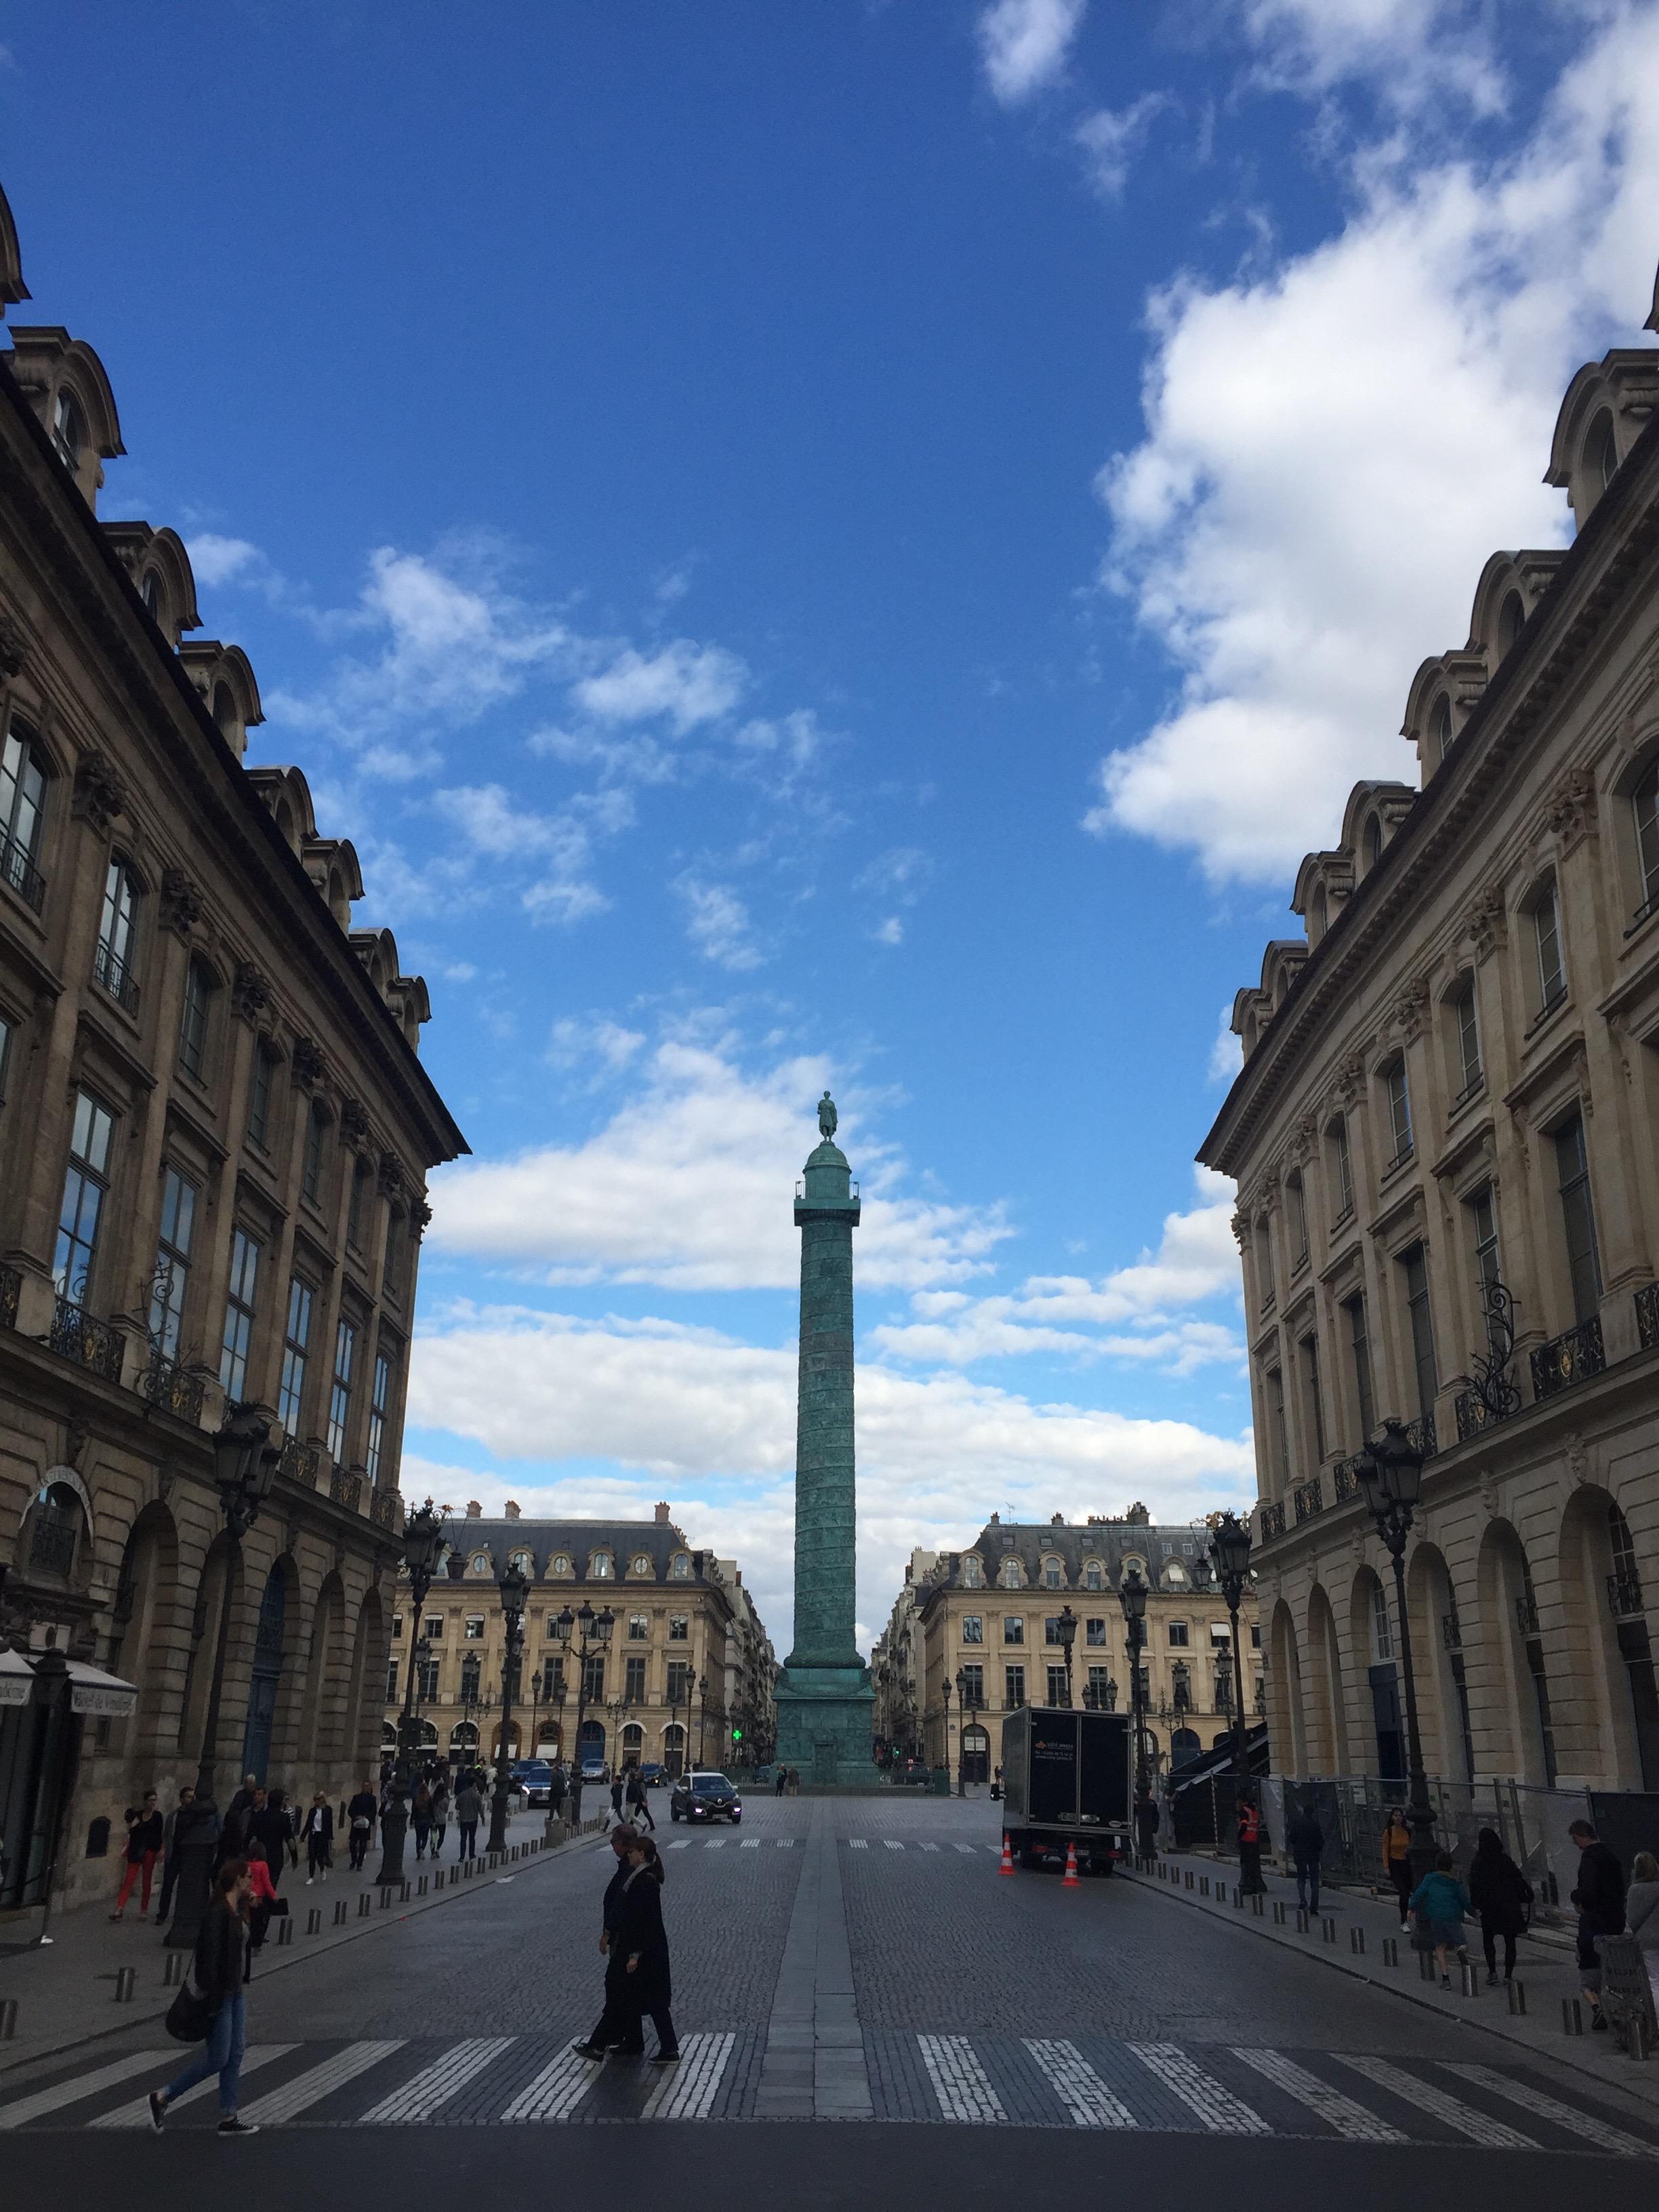 MON MODE, Fashion Blogger, Paris, Things To Do, Place Vendome, Must Visit Spots in Paris